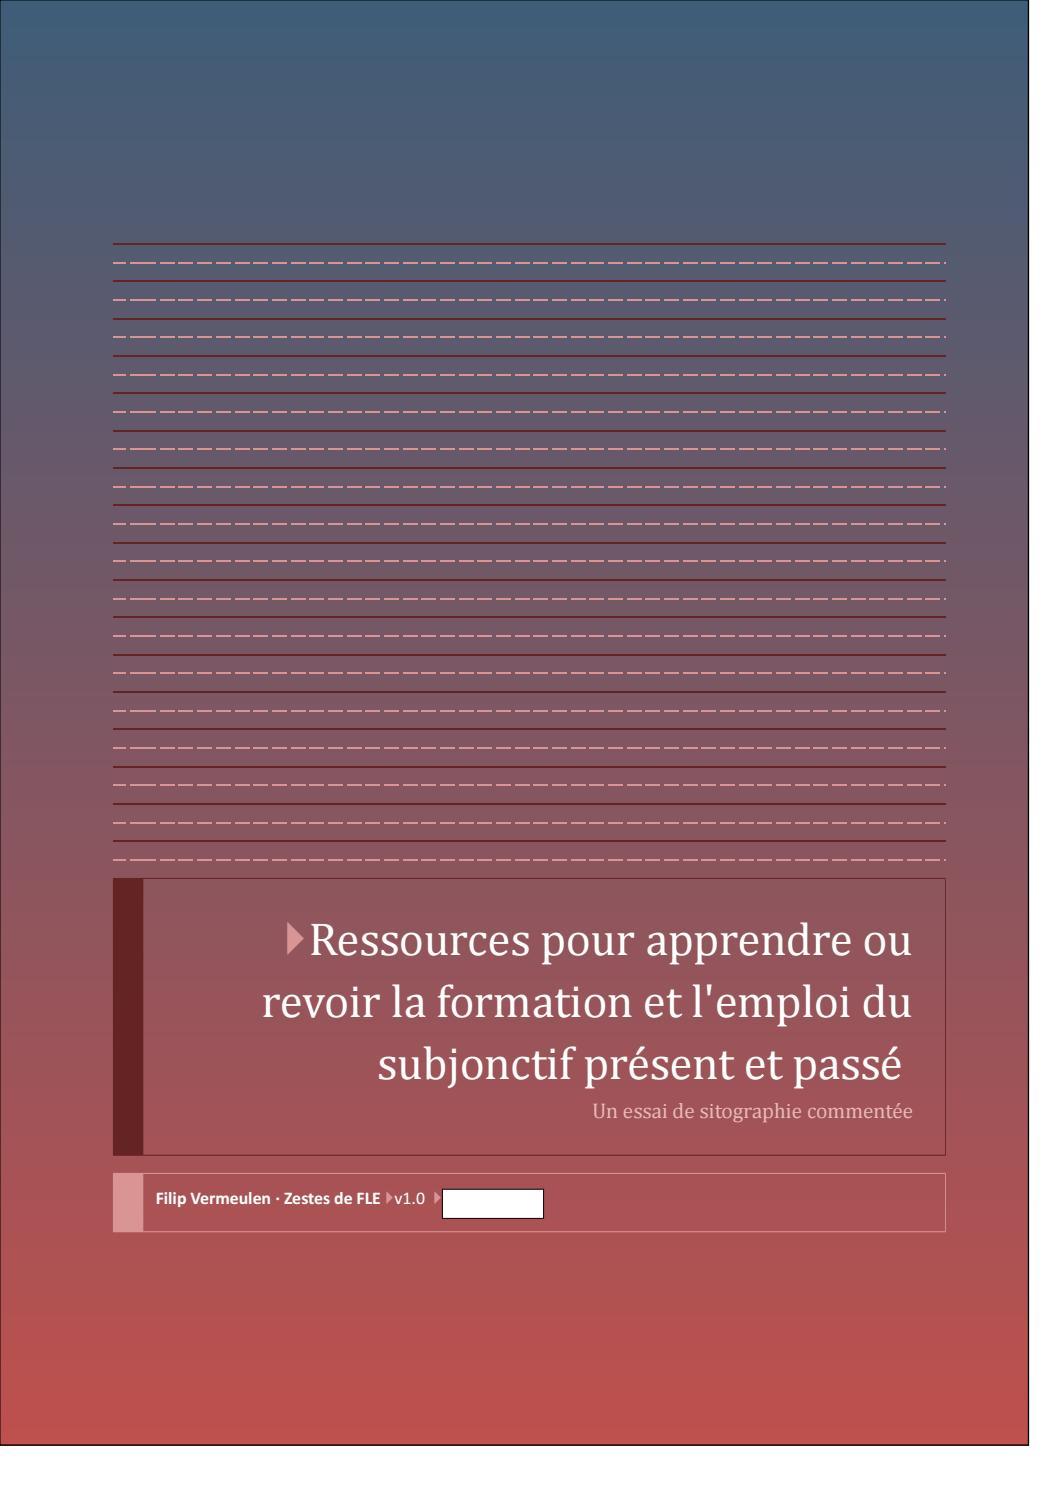 Ressources Pour Apprendre Ou Revoir La Formation Et L Emploi Du Subjonctif Present Et Passe By Filip Vermeulen Issuu